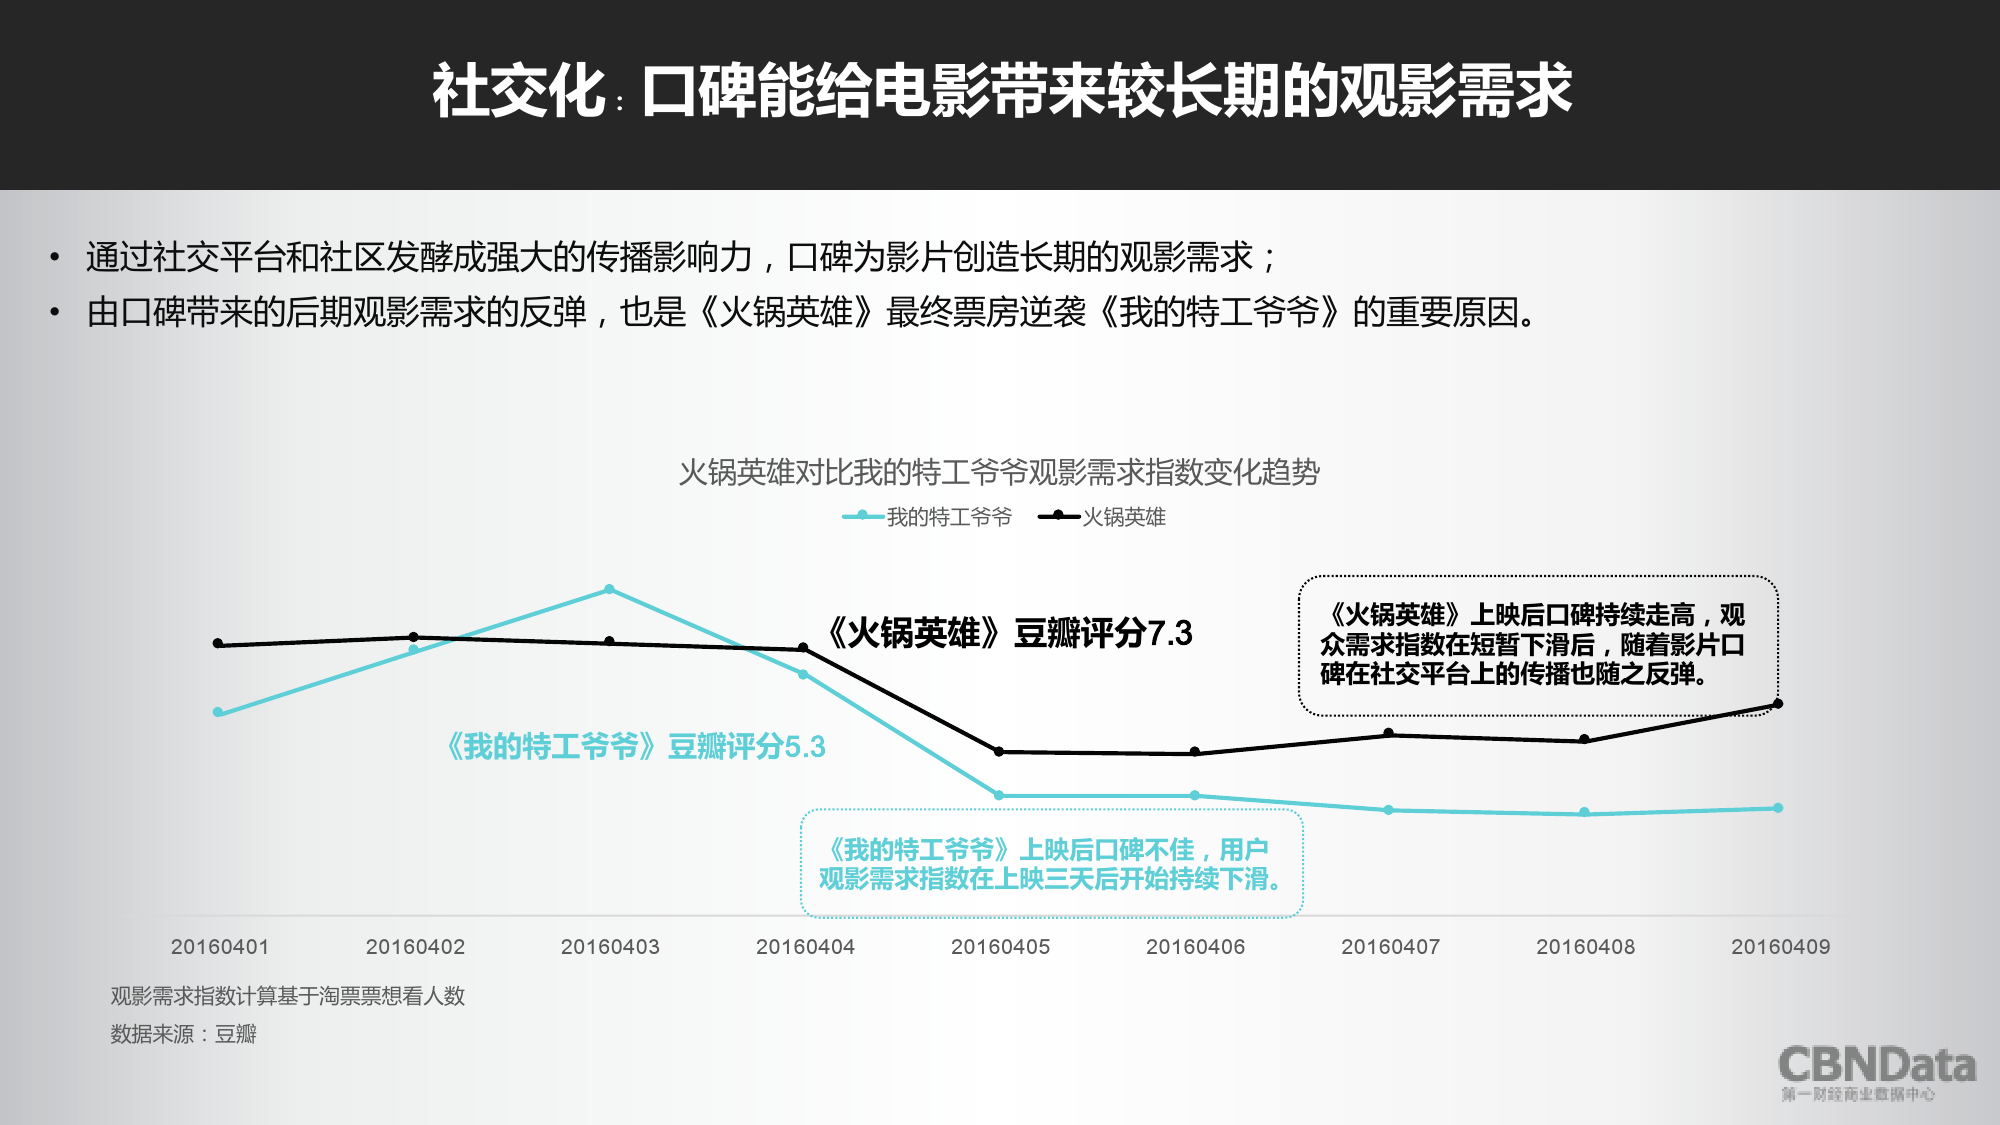 2016上半年中国在线票务平台大数据报告_000030